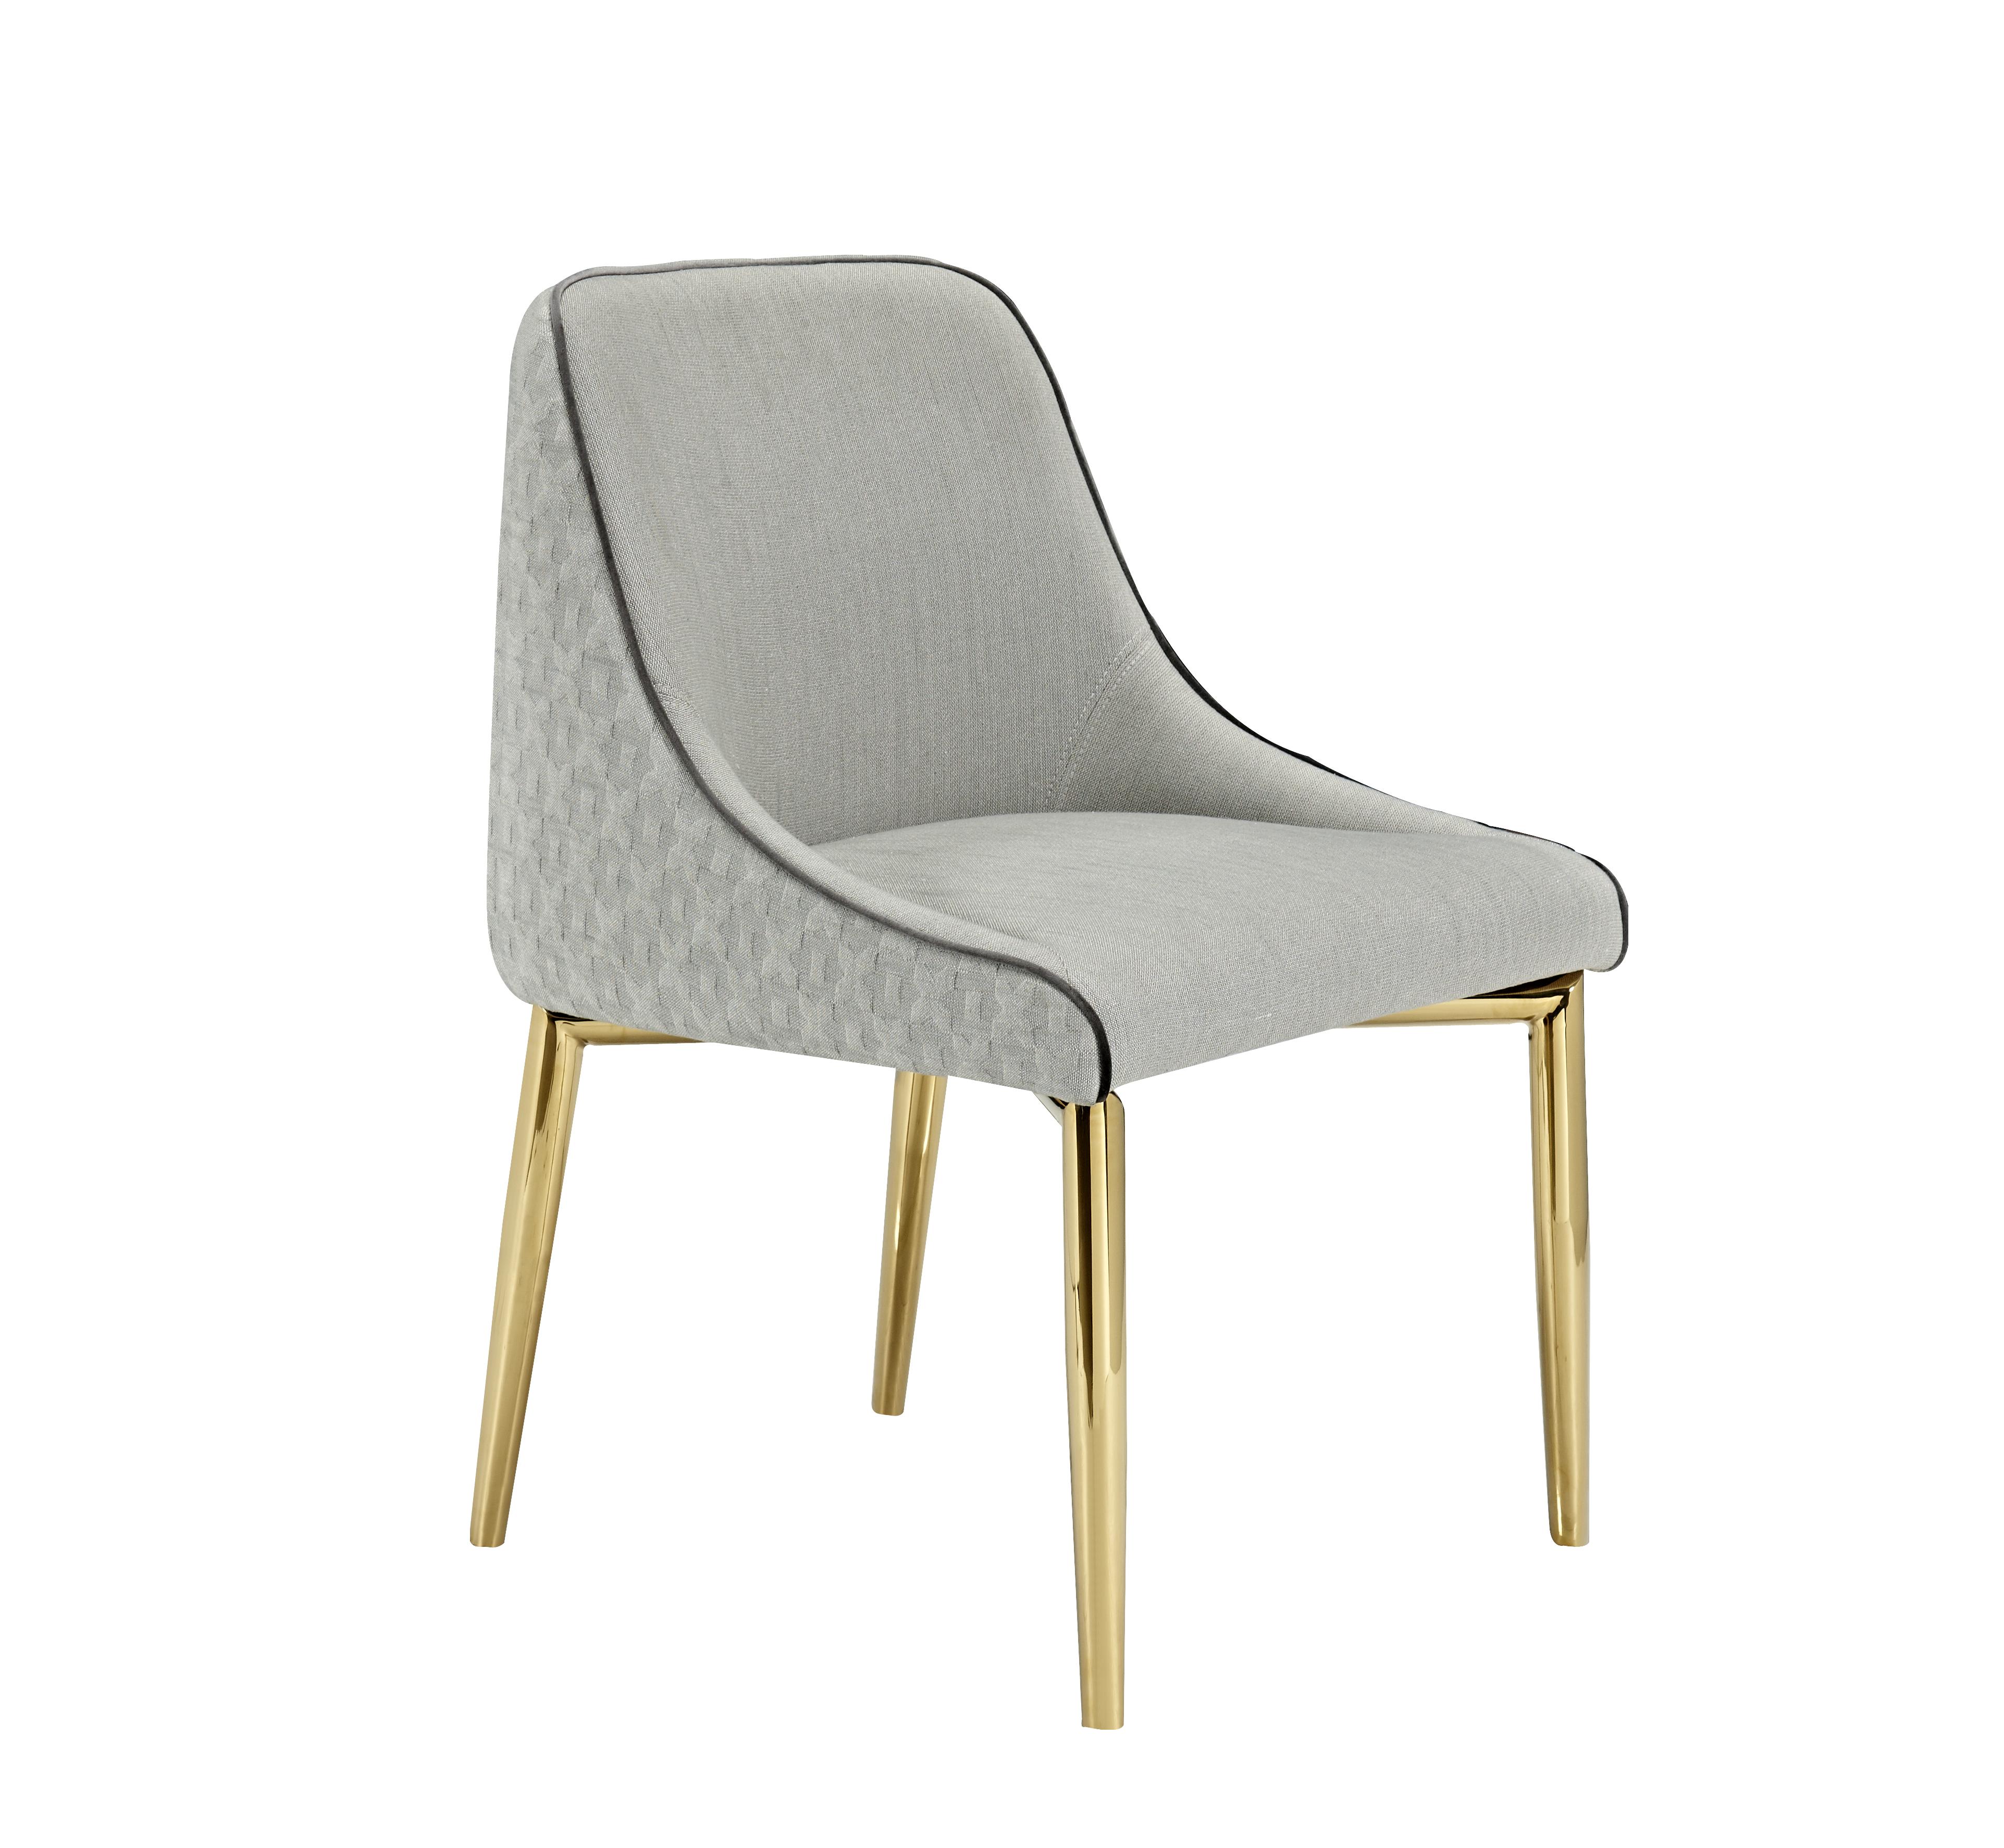 可椅 椅子 售楼处椅子 洽谈椅 会所用椅 休闲椅 水吧椅 餐椅 西